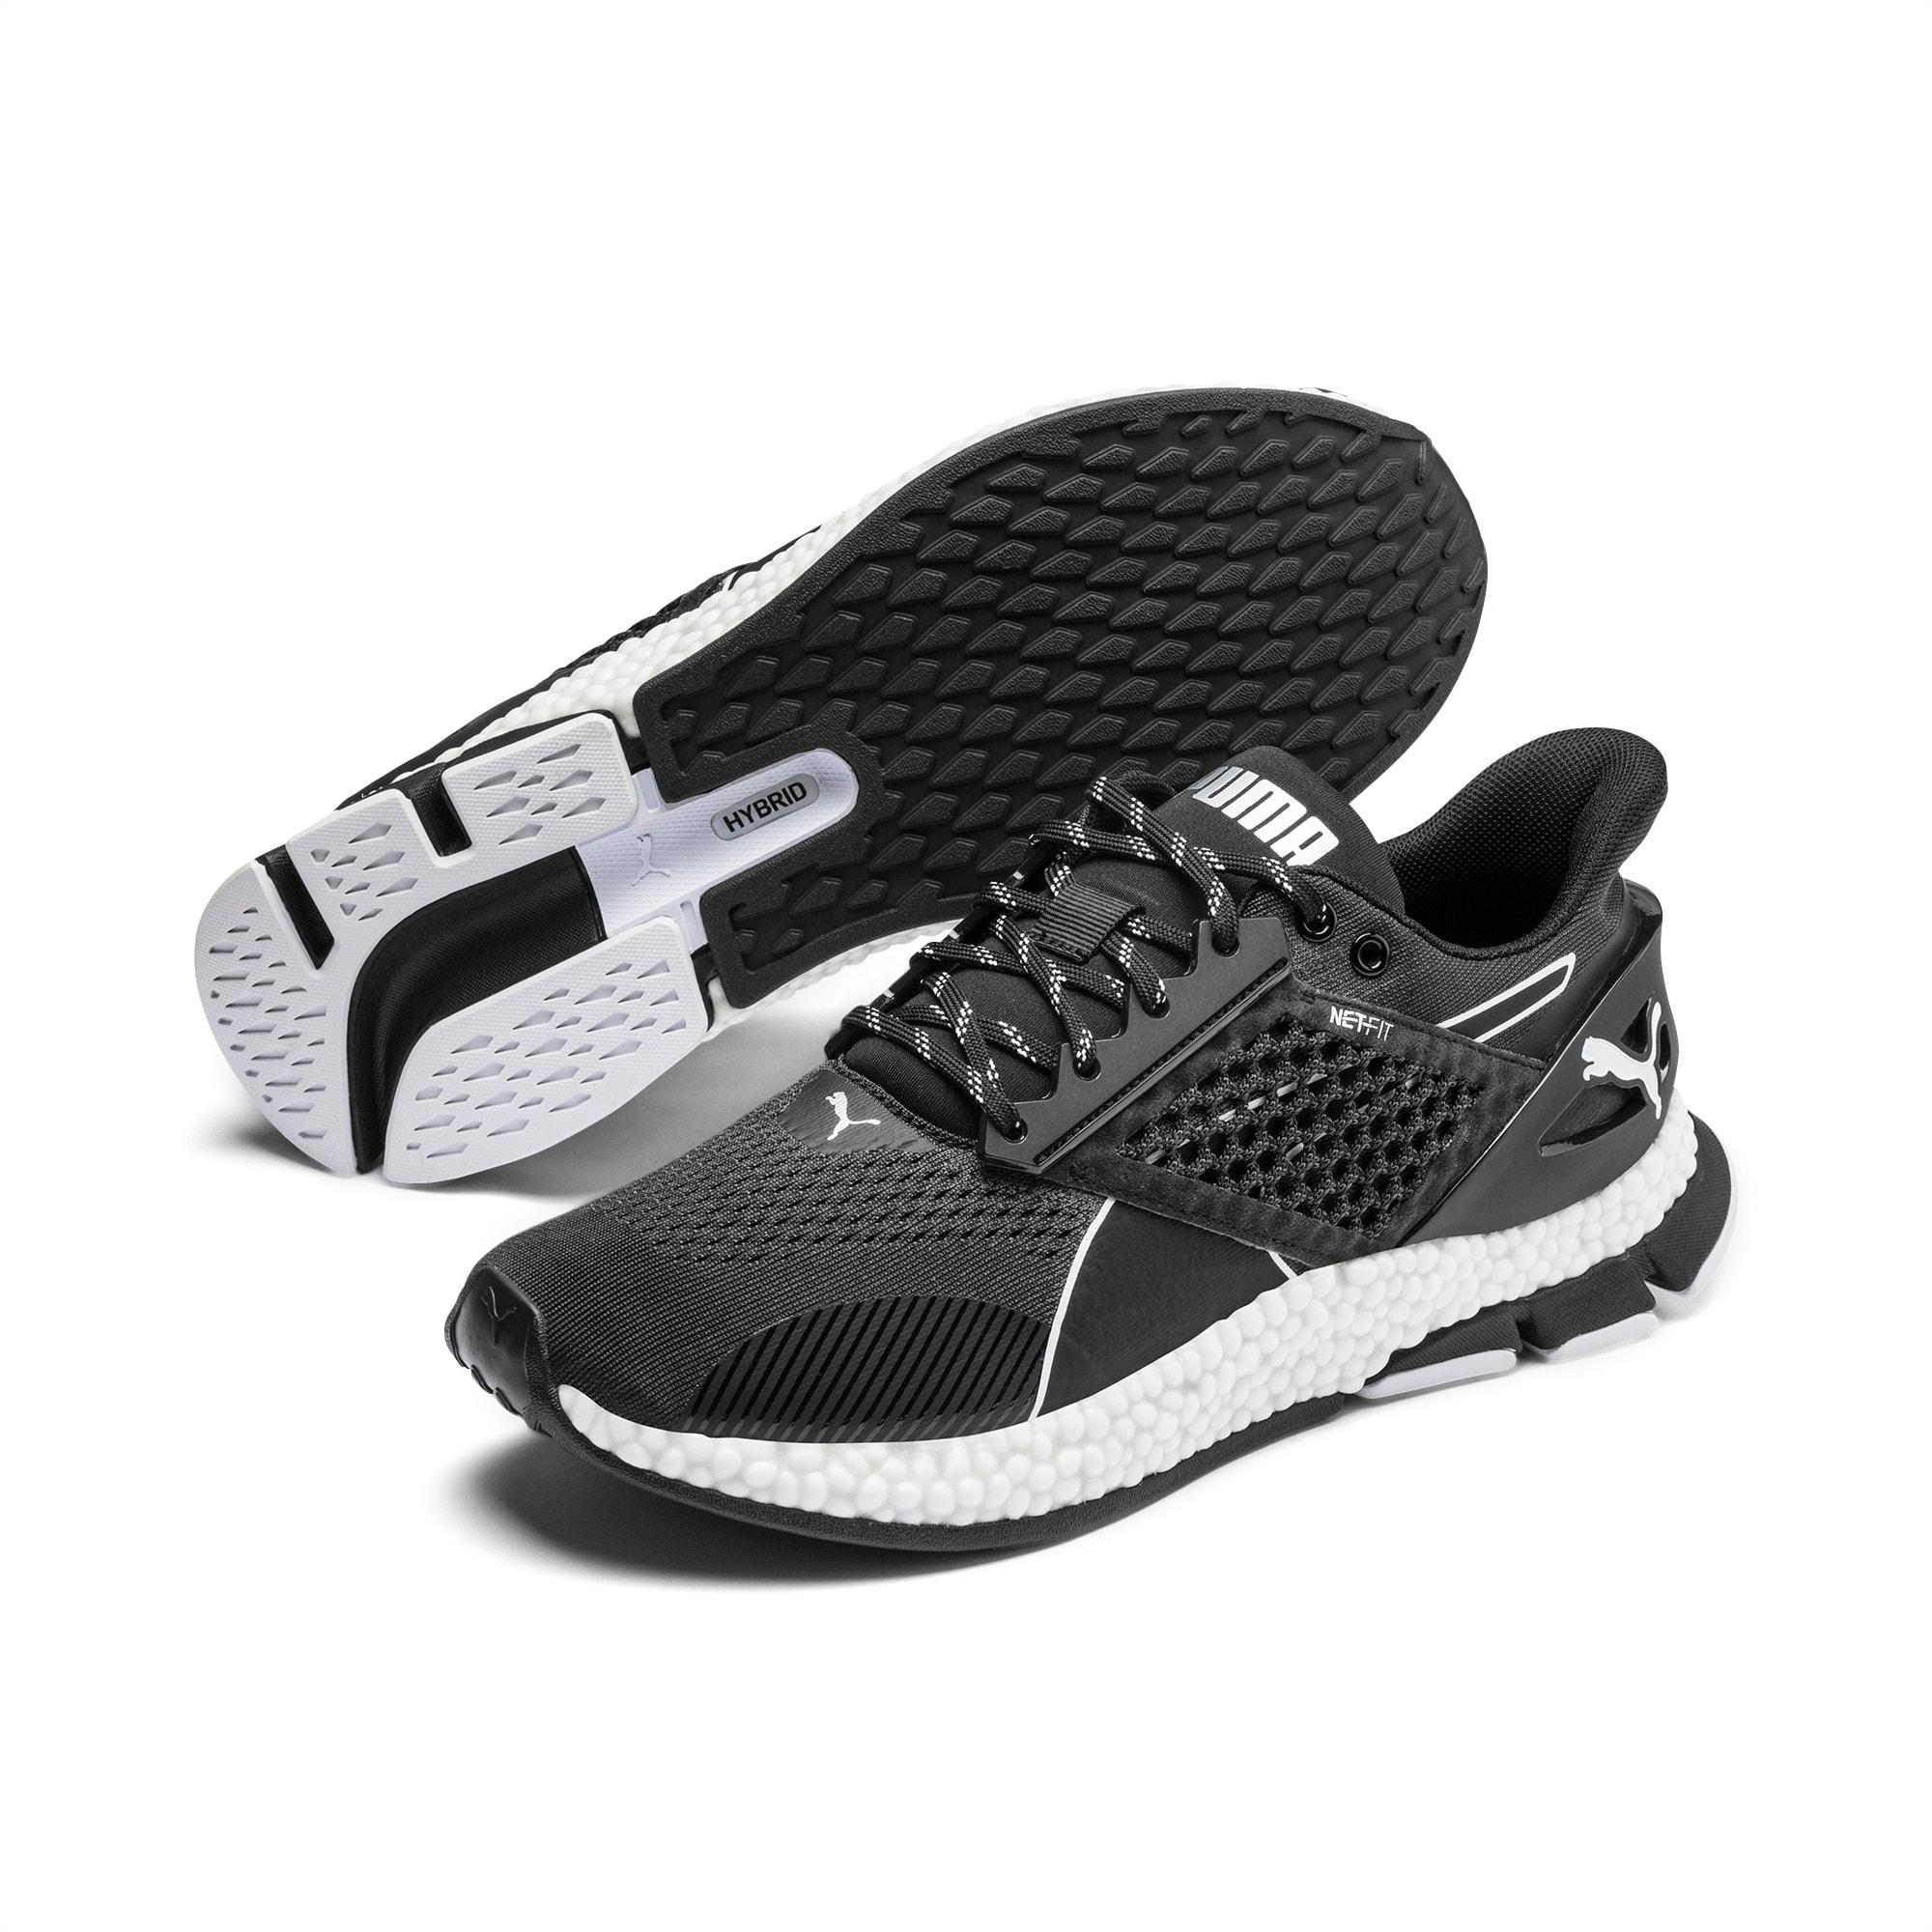 HYBRID Astro Men's Running Shoes